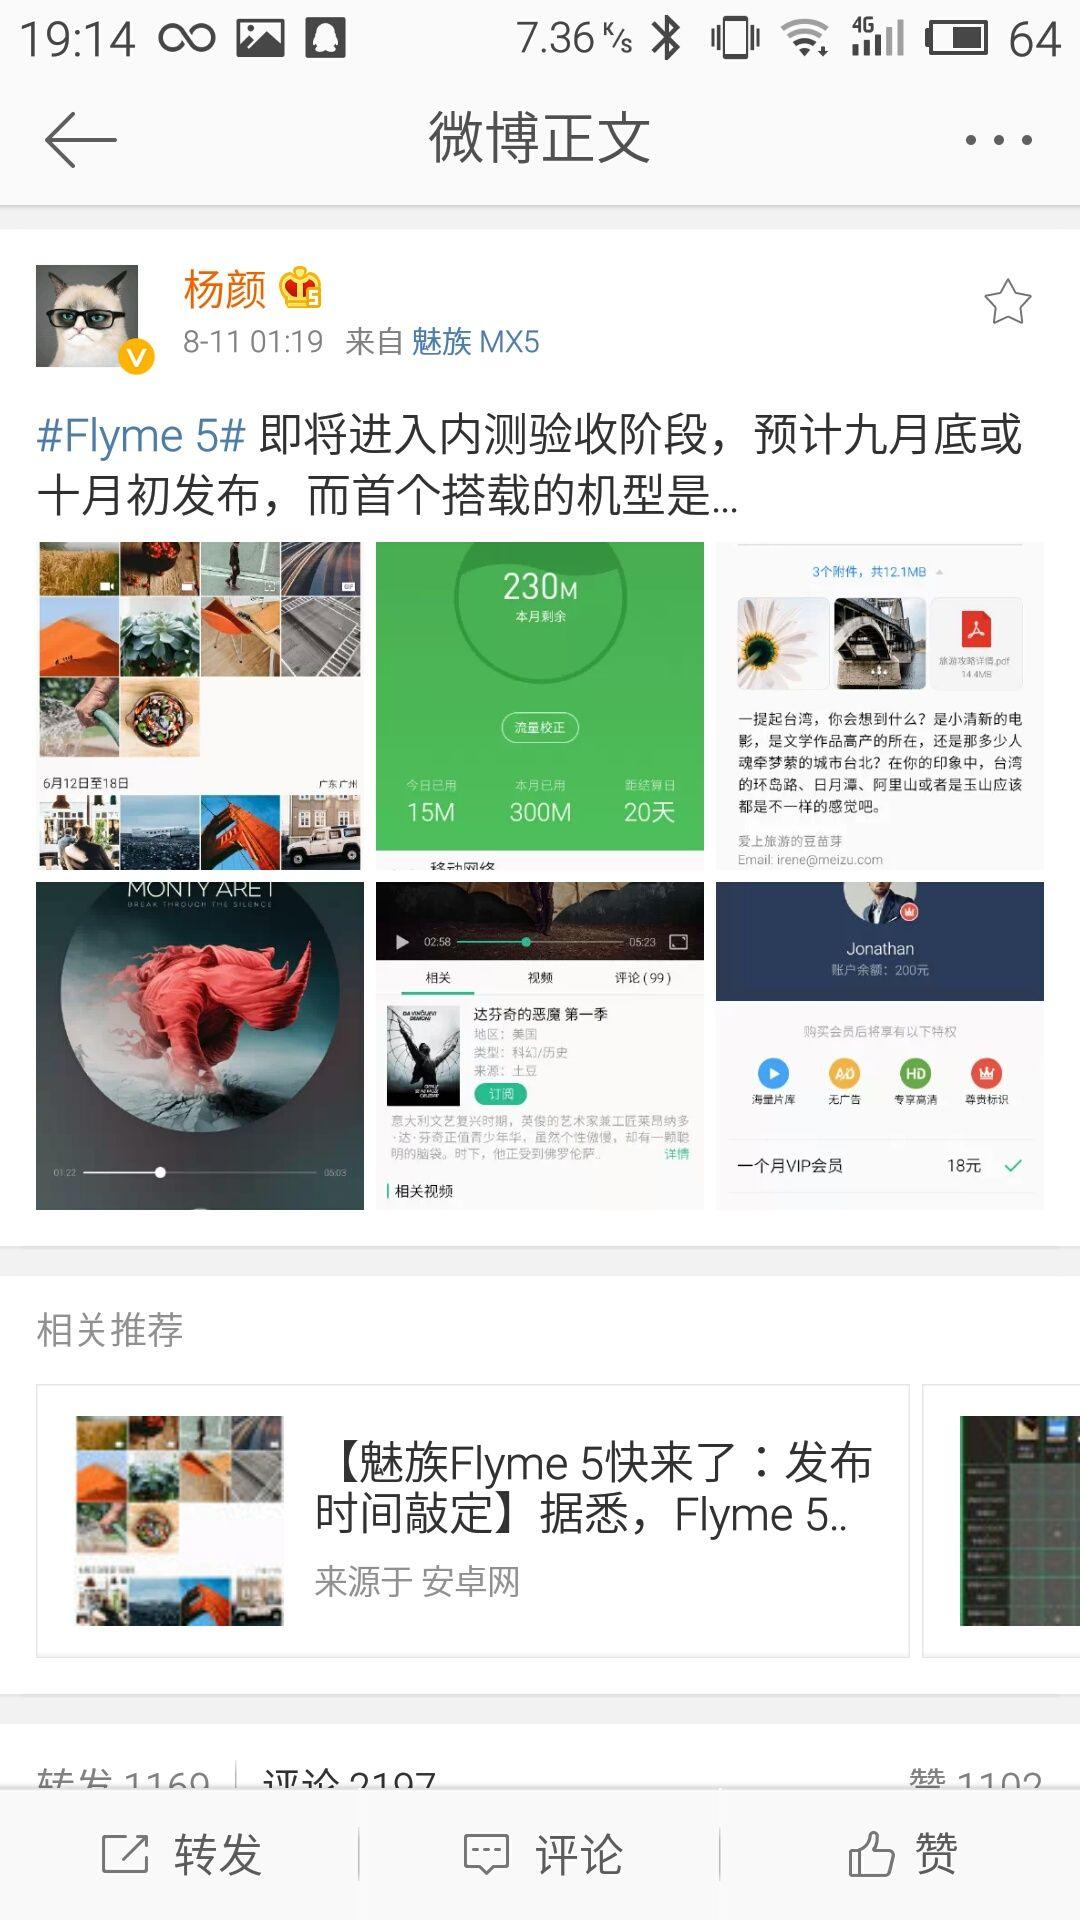 Flyme OS 5.0の画像をFlyme OSのデザインを担当する副社長の 杨颜 氏が公開